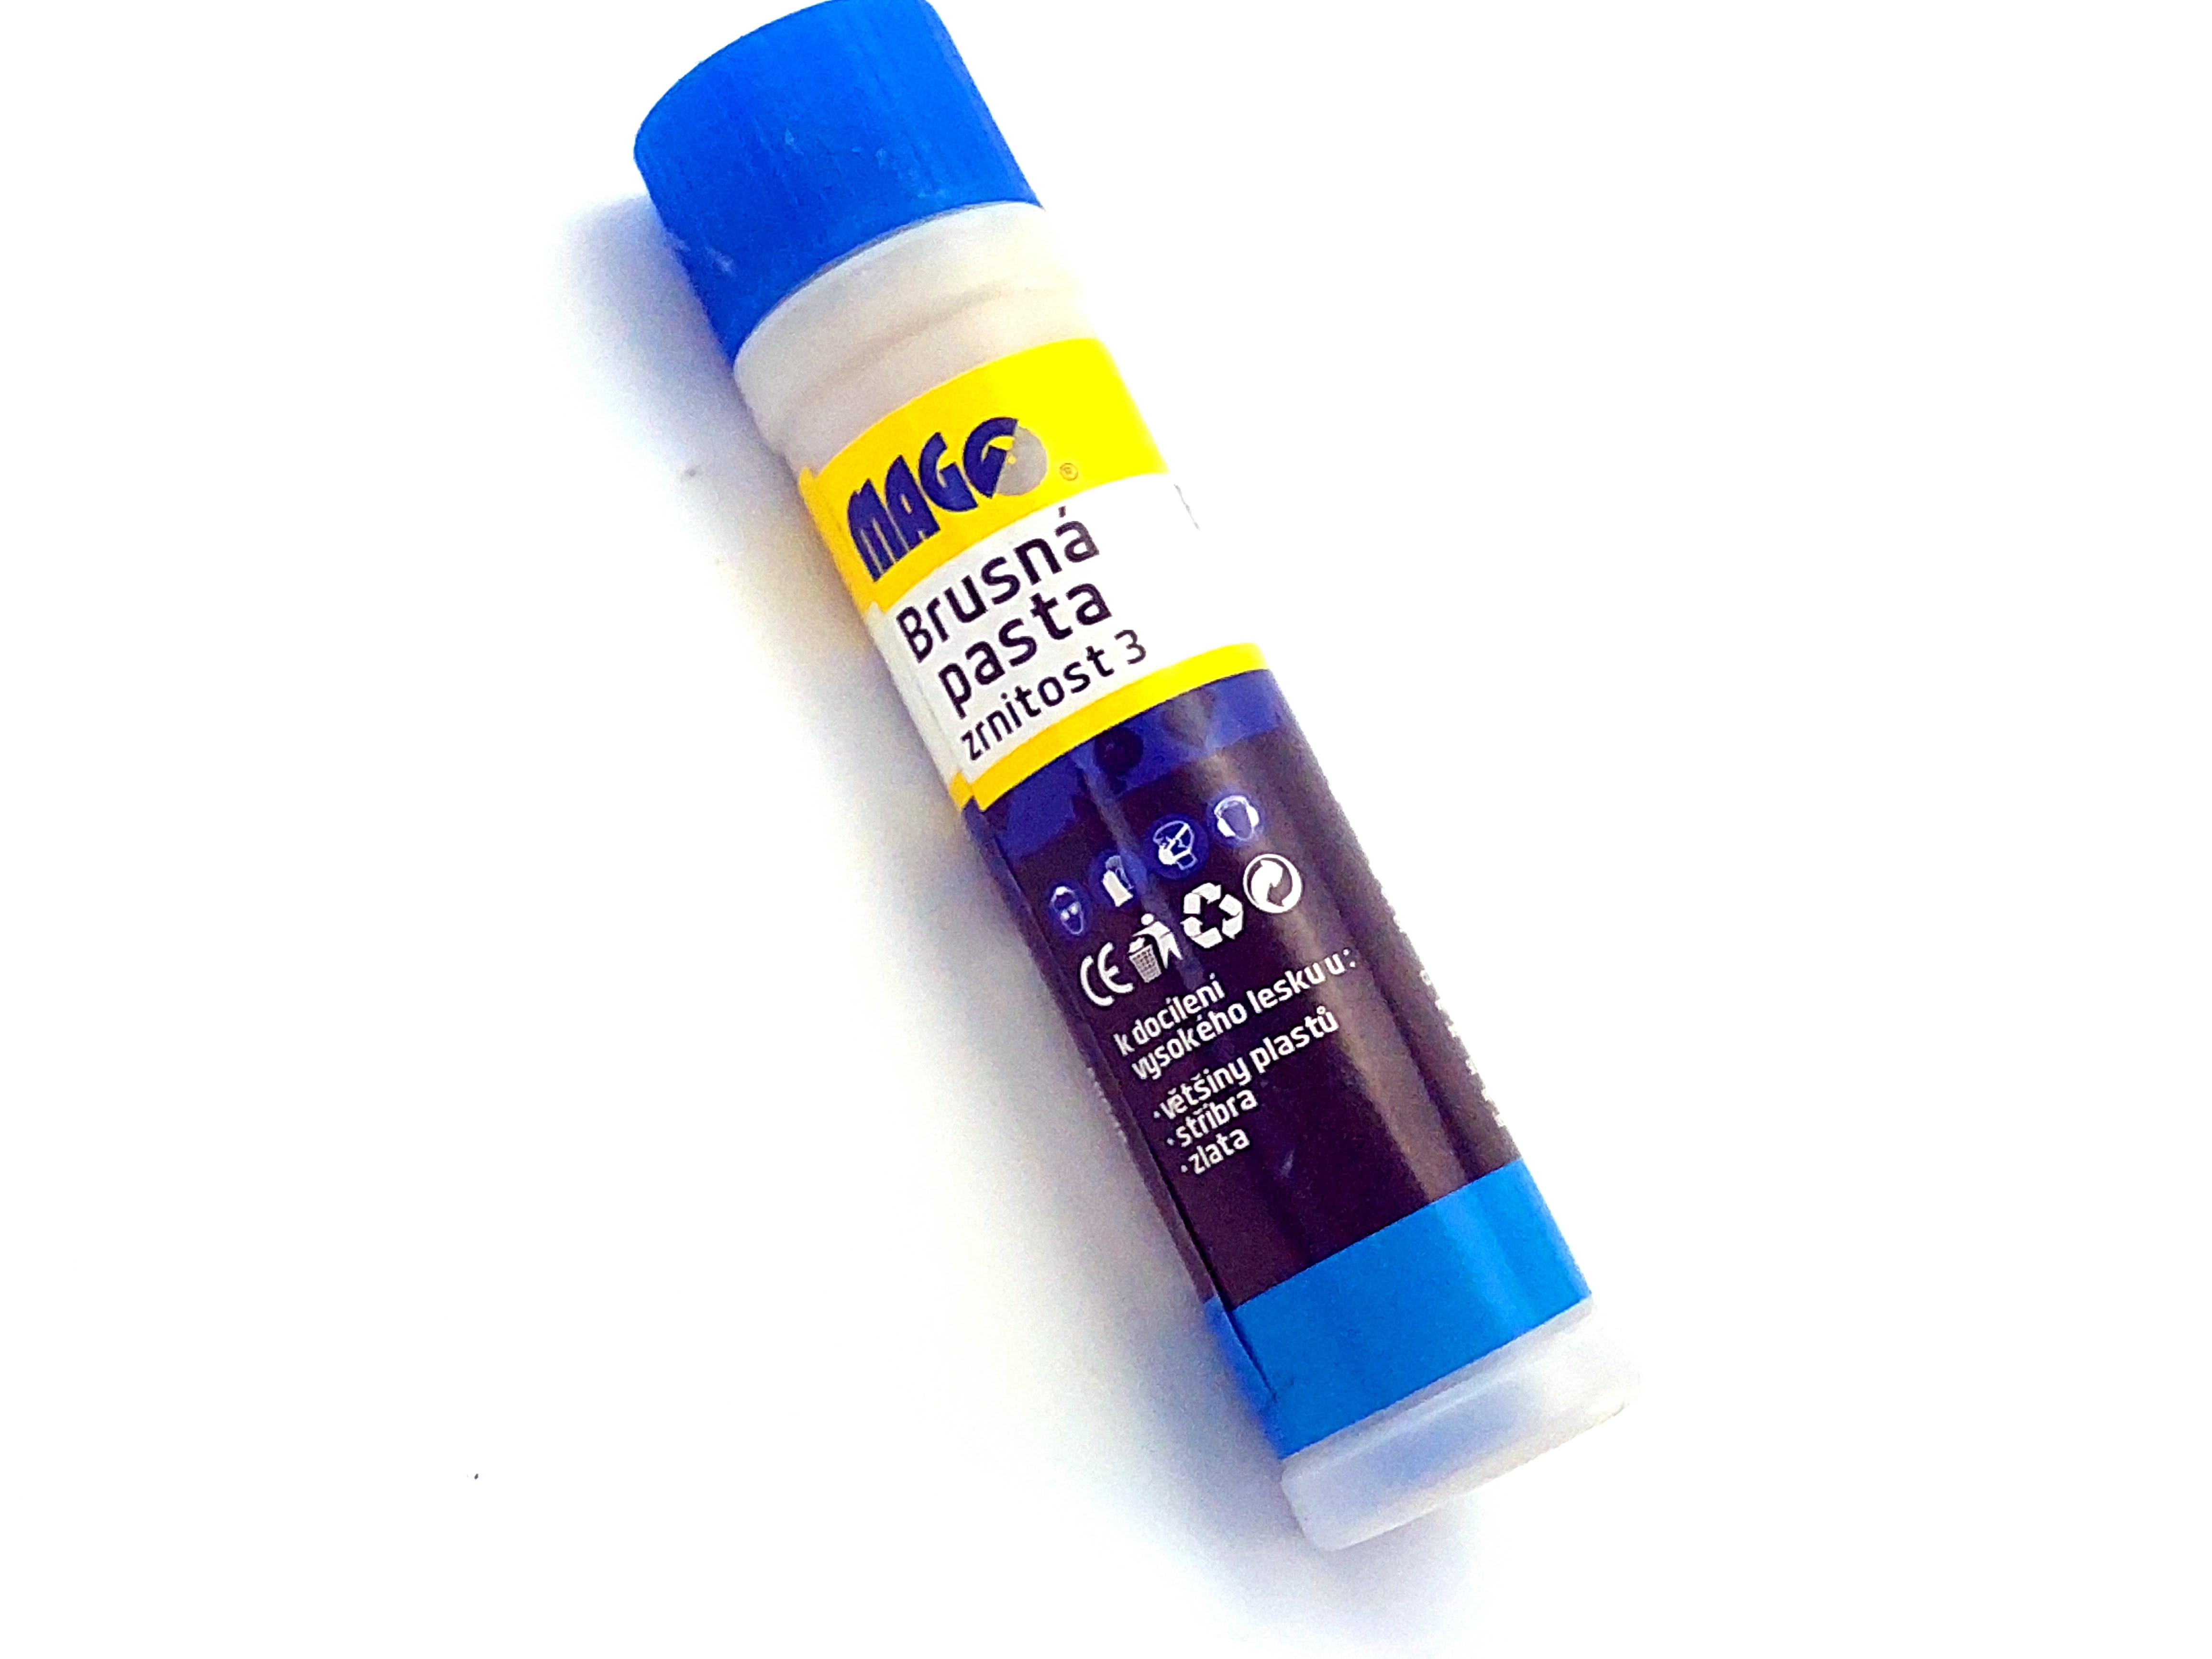 Jemná modrá brusná pasta; zrnitost 3